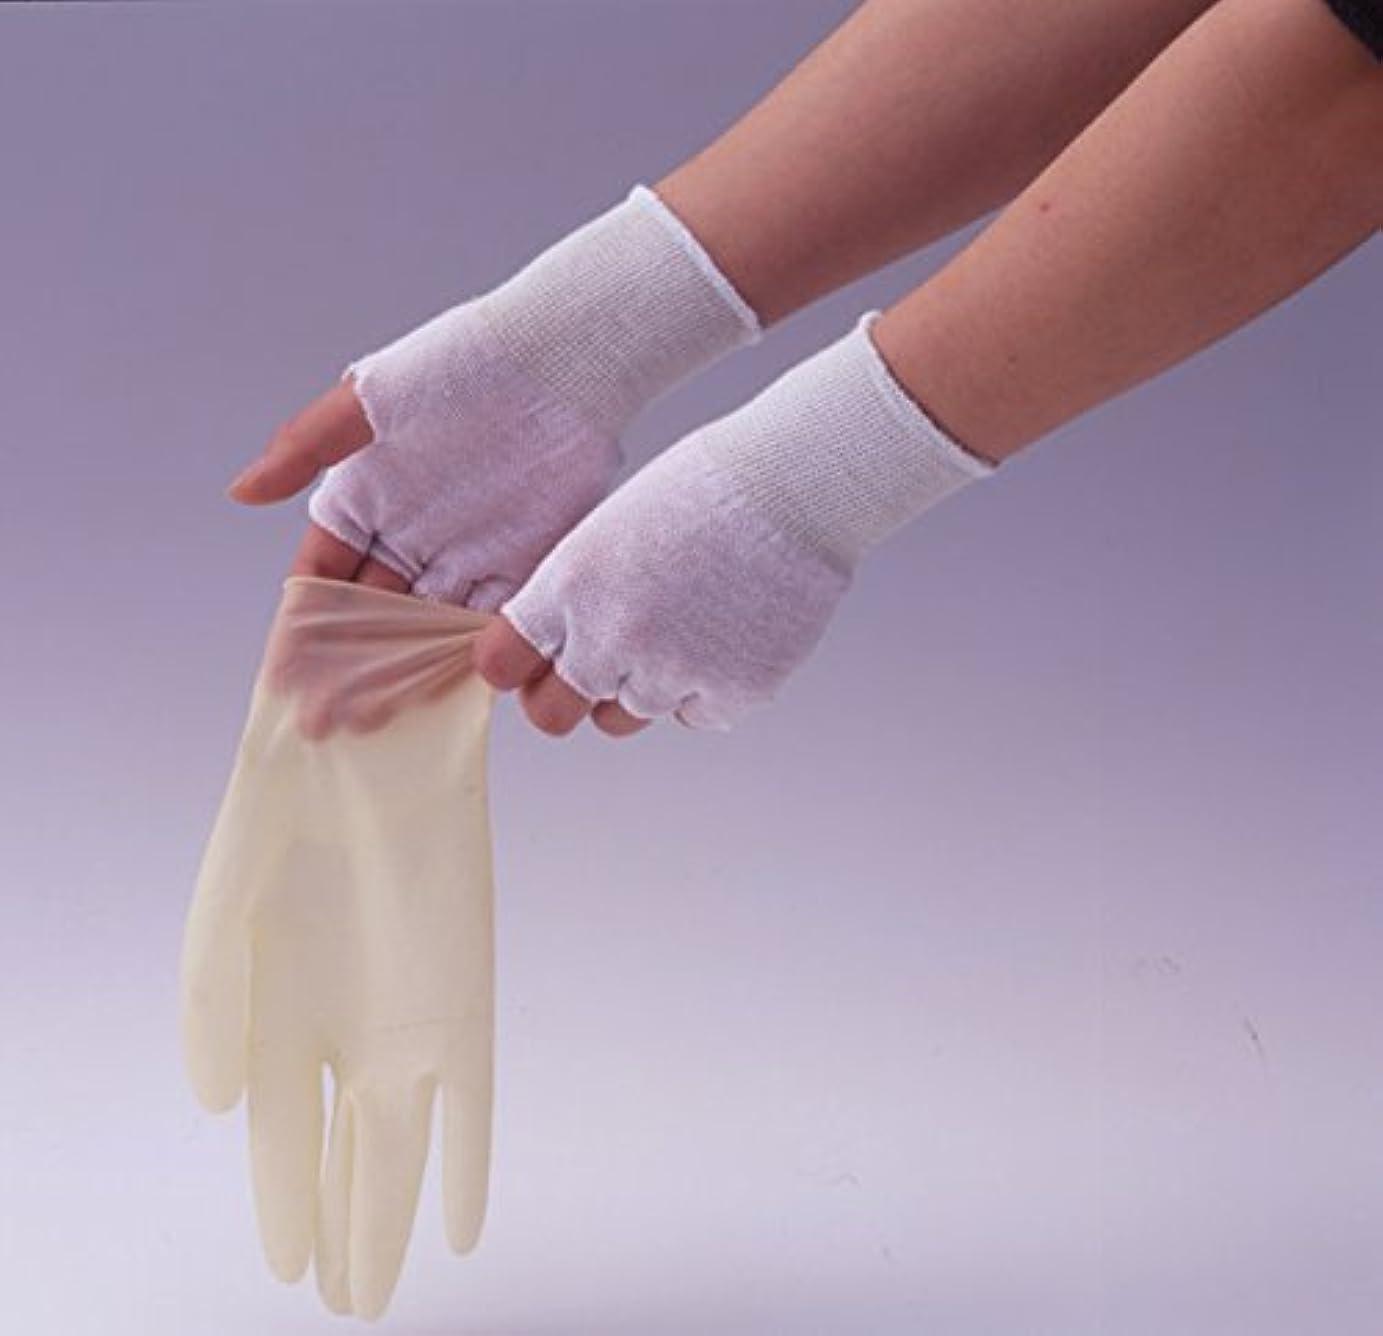 手配する科学クラシカルやさしインナー手袋 (綿100%指なし) 200組/カートン 激安業務用パック